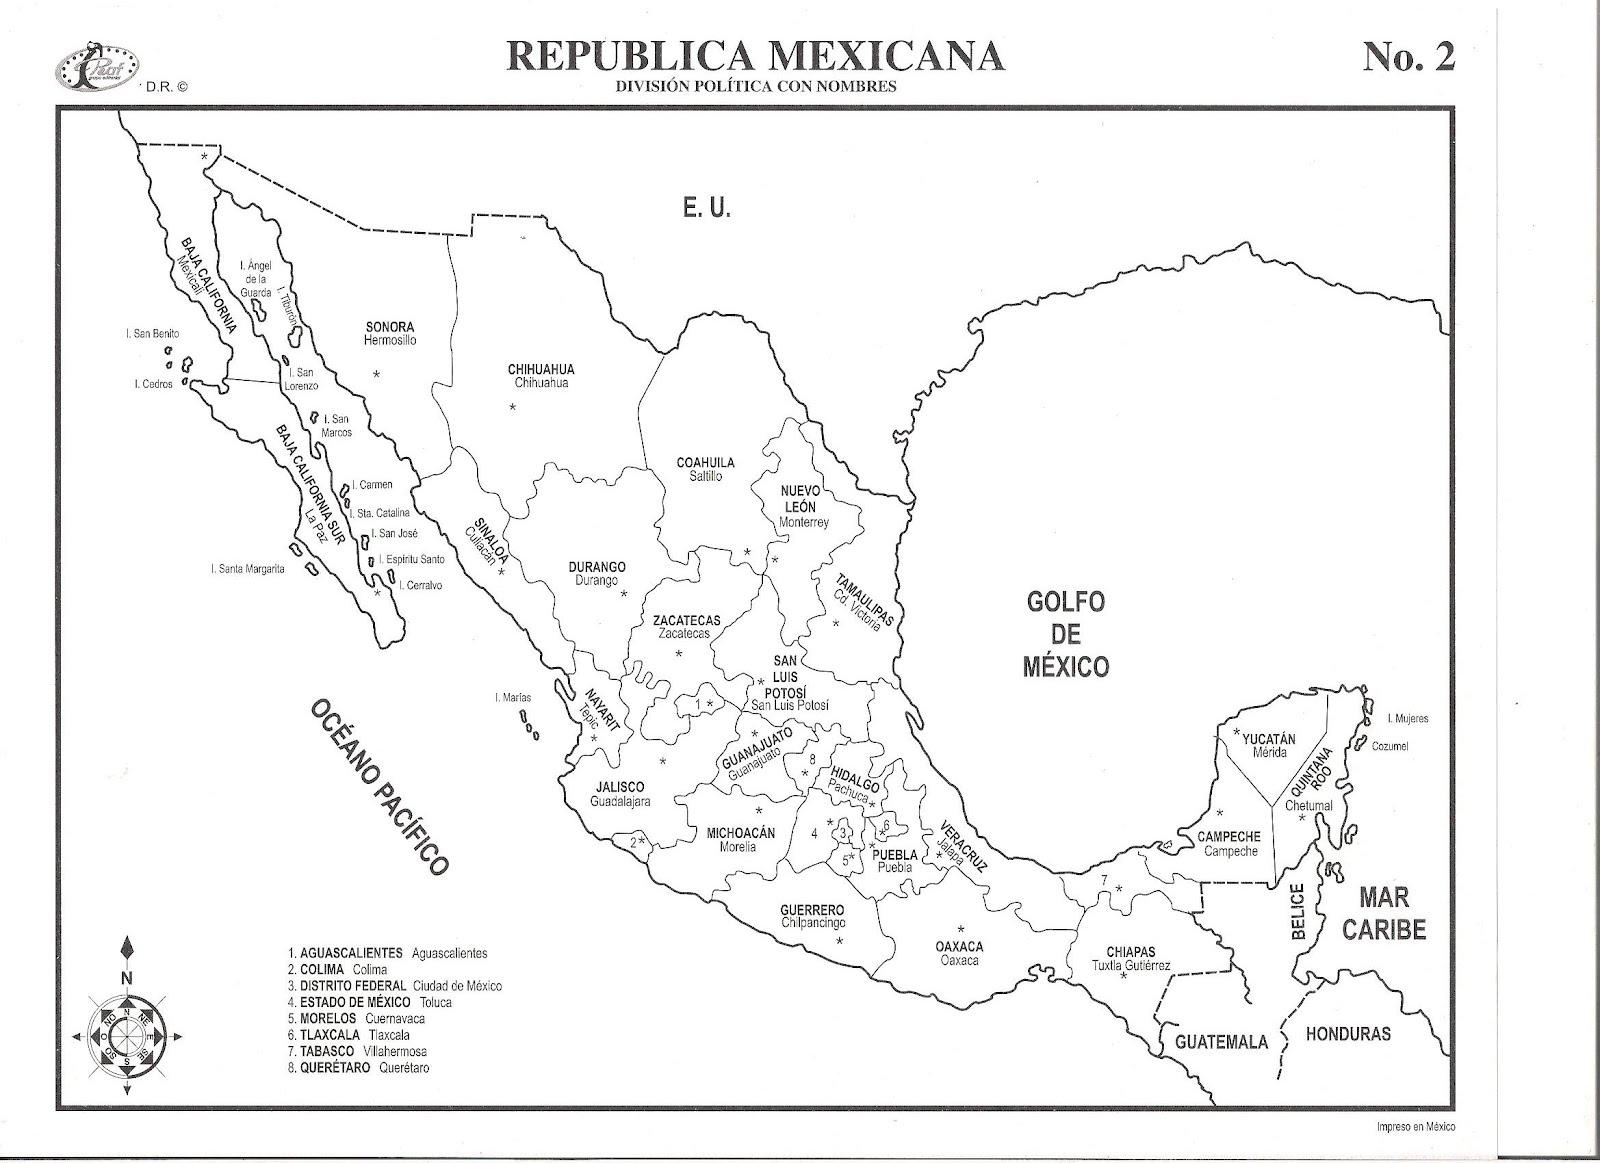 AURE_BLOG: MAPA DE LA REPÚBLICA MEXICANA